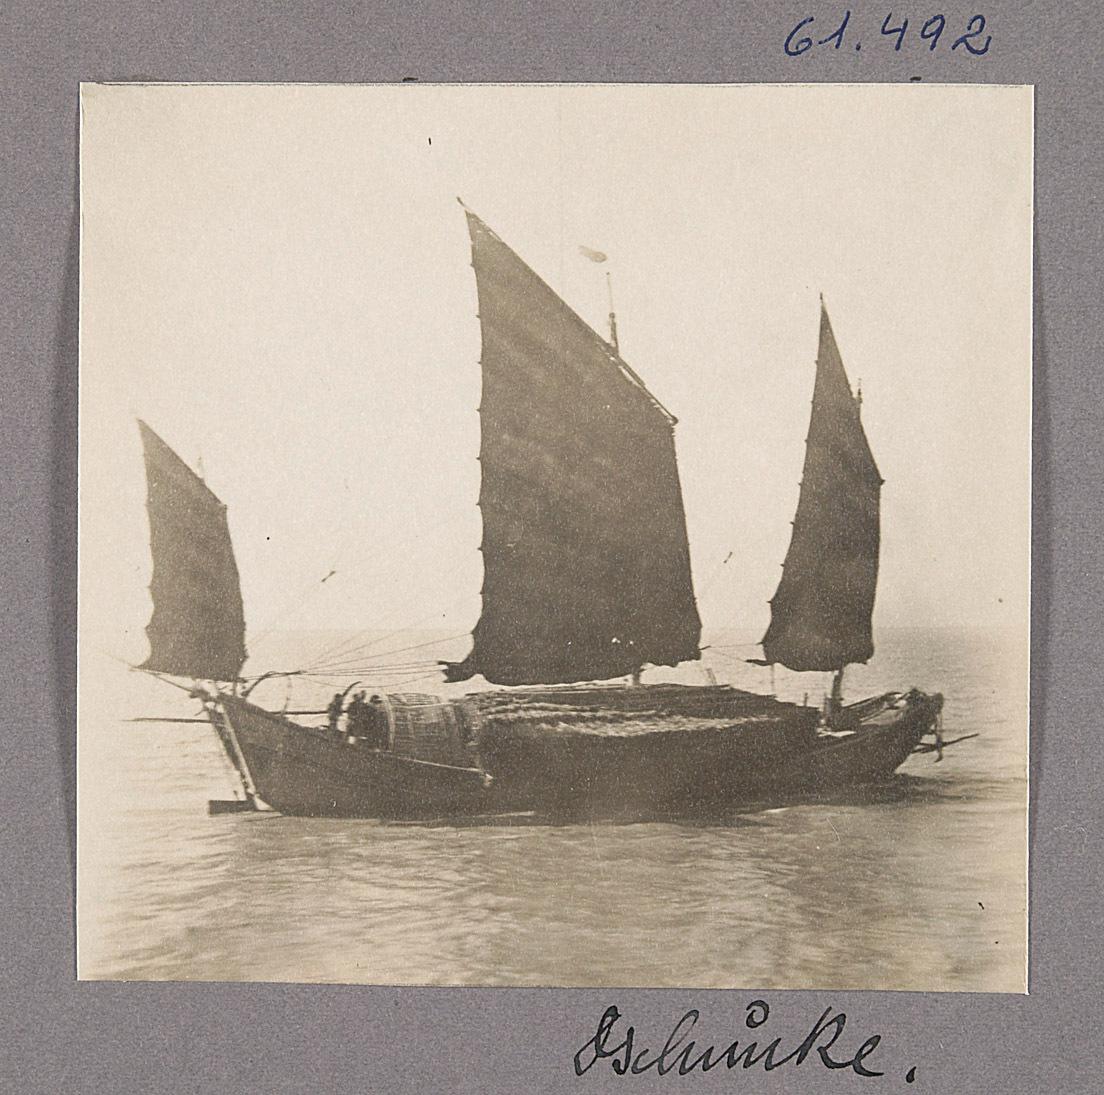 Der Yangtse. Dschunke von Otto Uhlir